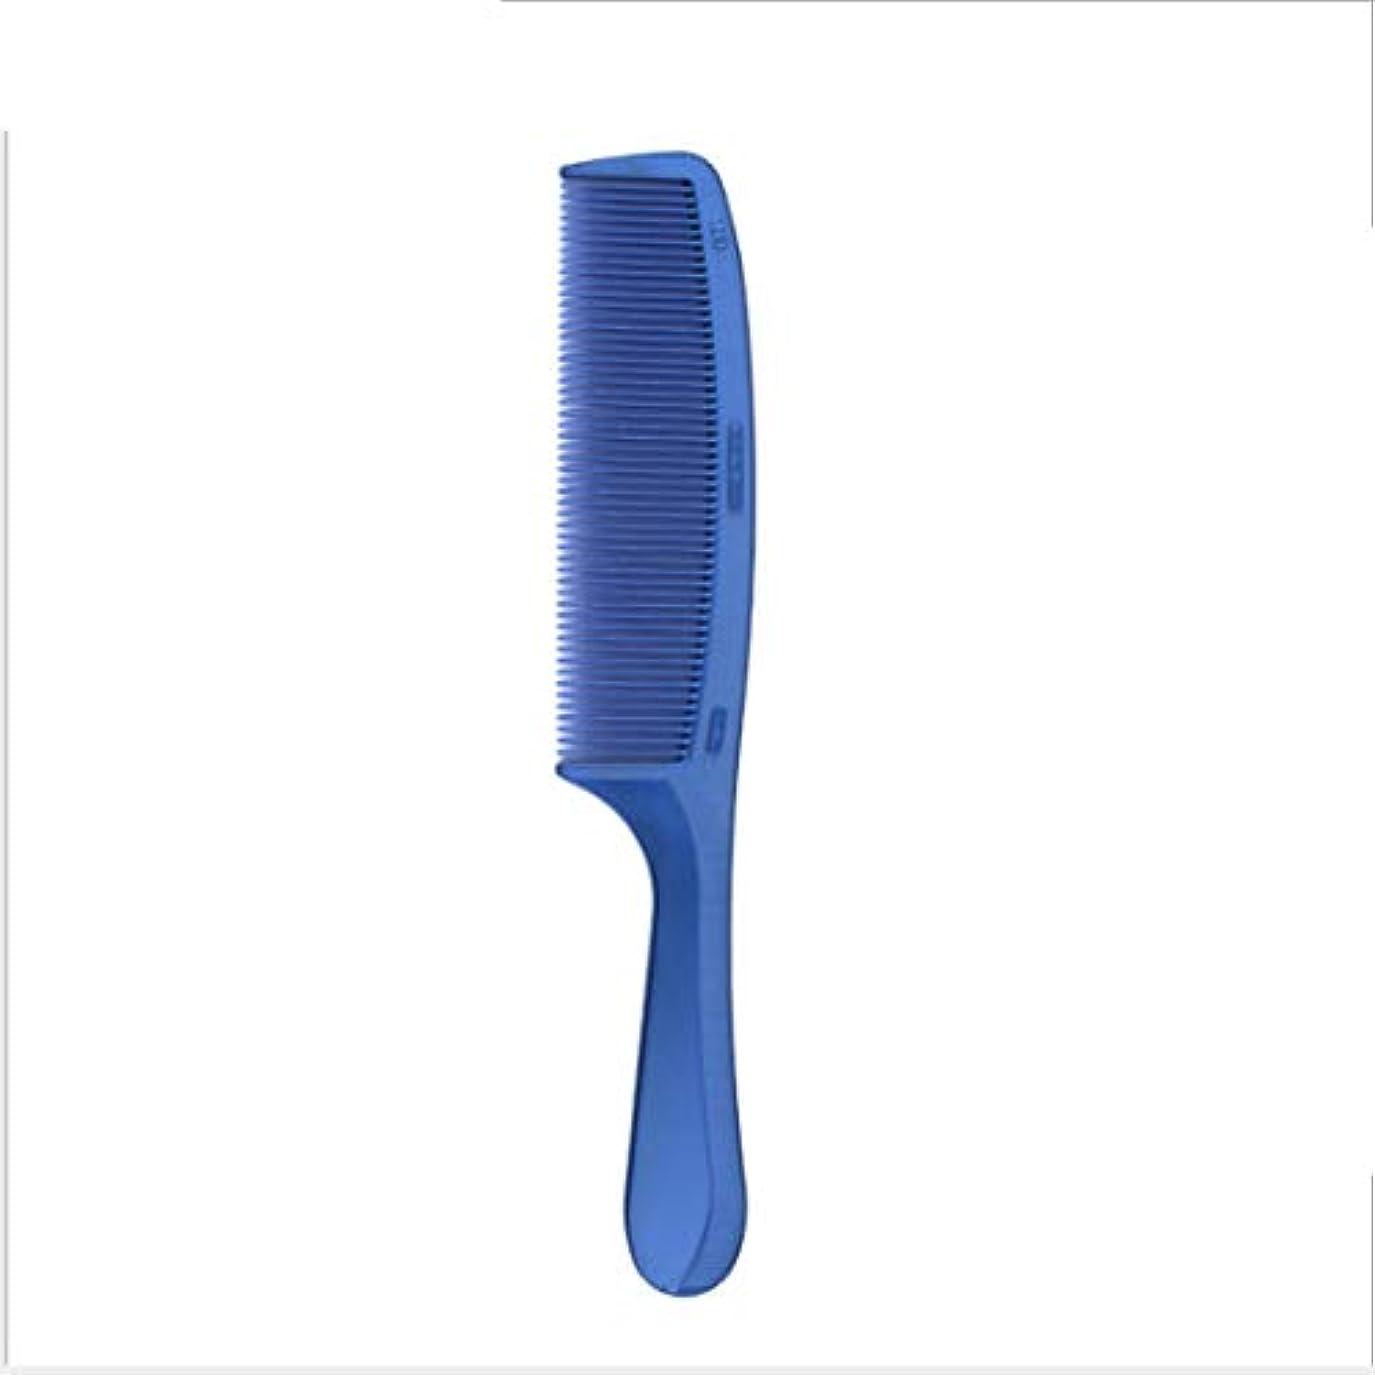 伴う不透明な風景(メイクコーム、ナイロンコーム、フラットコーム)女性や男性のためのプラスチック製の髪の櫛静電気防止髪カット特別な櫛ナチュラルカラーブルー ヘアケア (サイズ : 128)